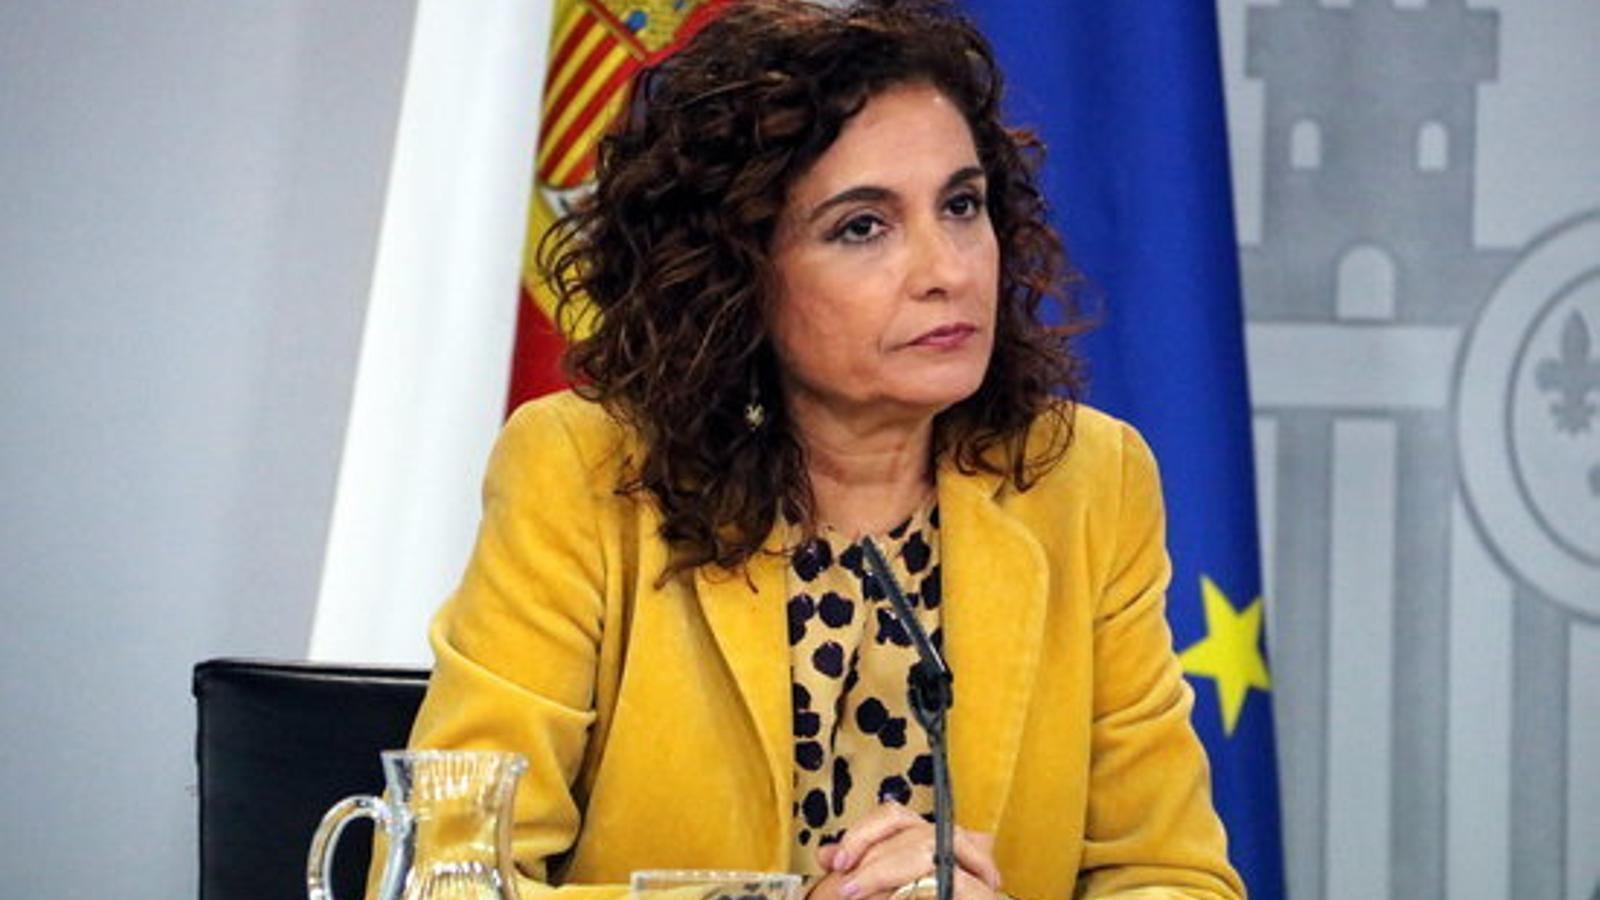 La ministra d'Hisenda, María Jesús Montero, en una imatge d'arxiu